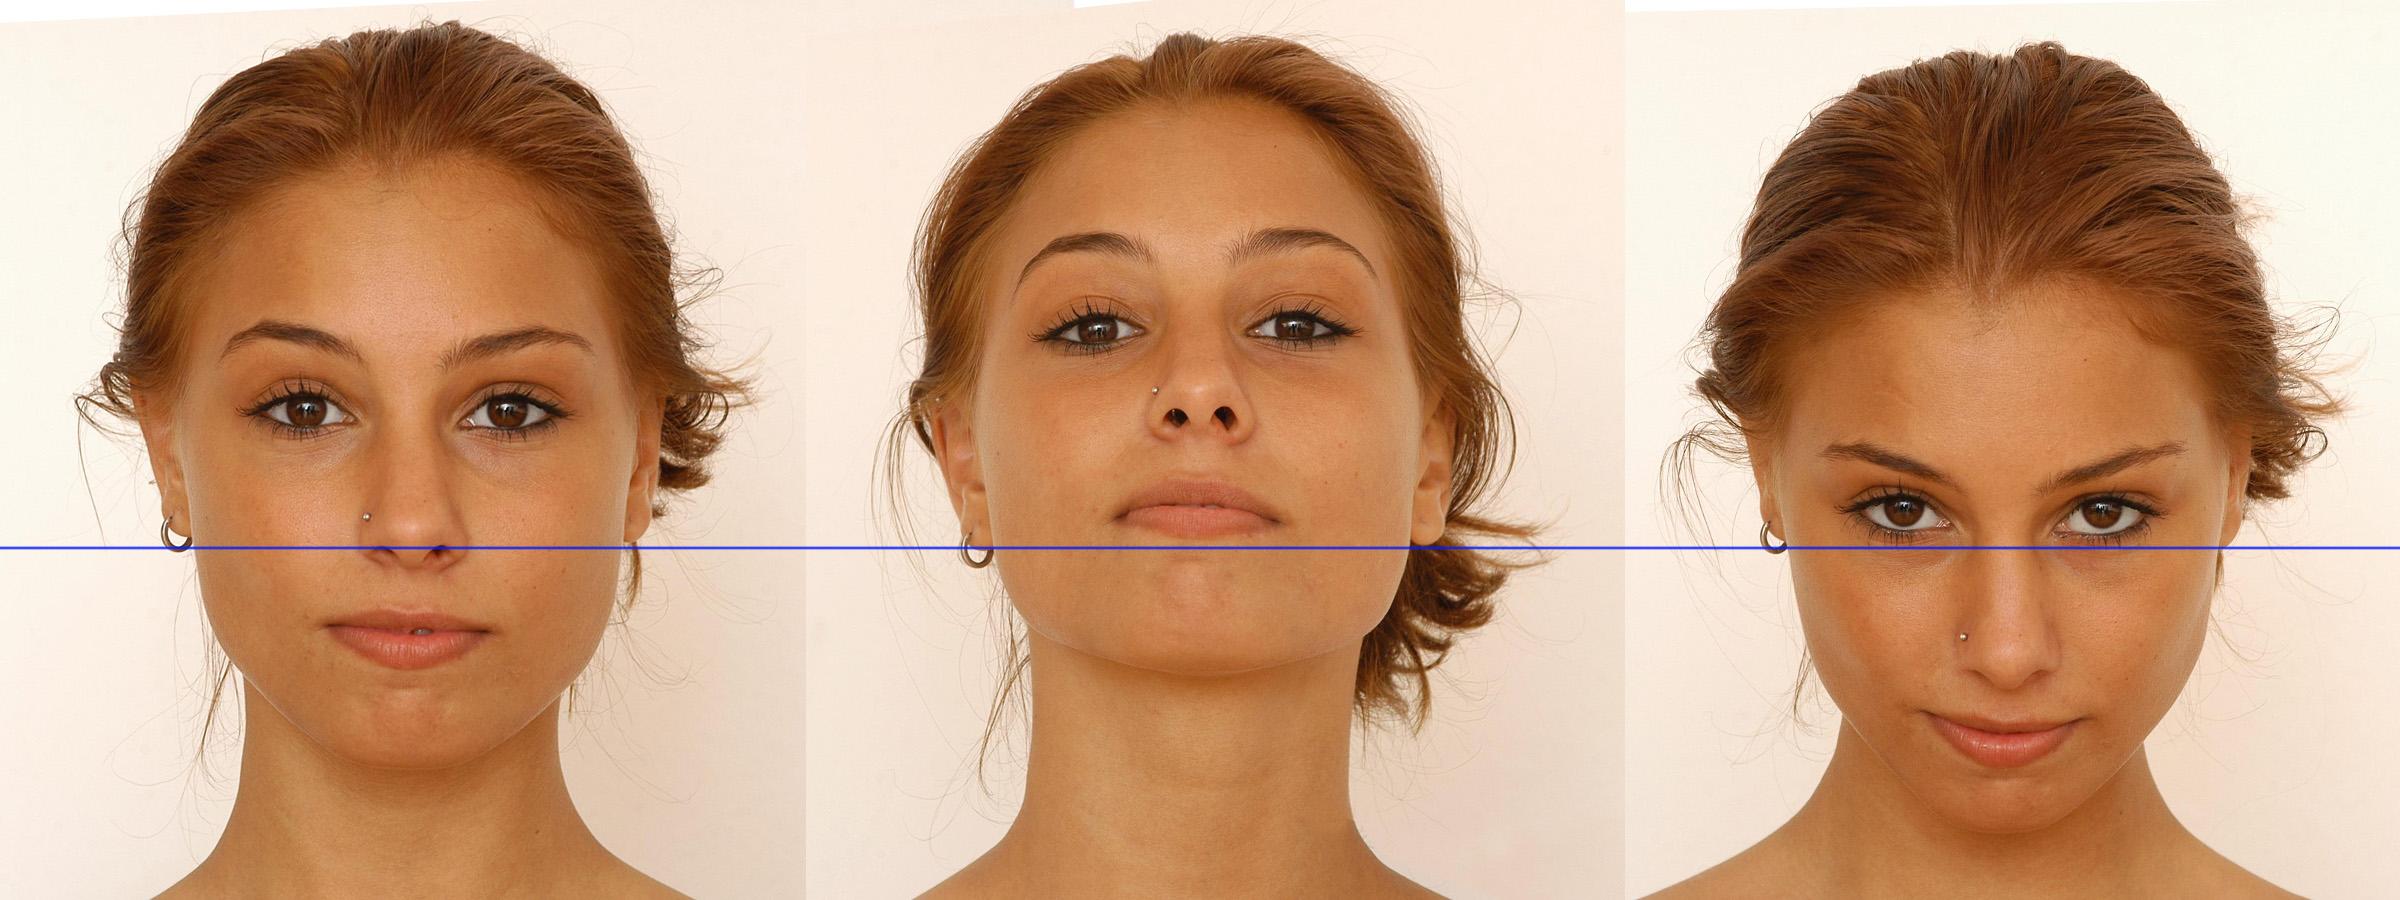 base of ear v tilt importance.jpg